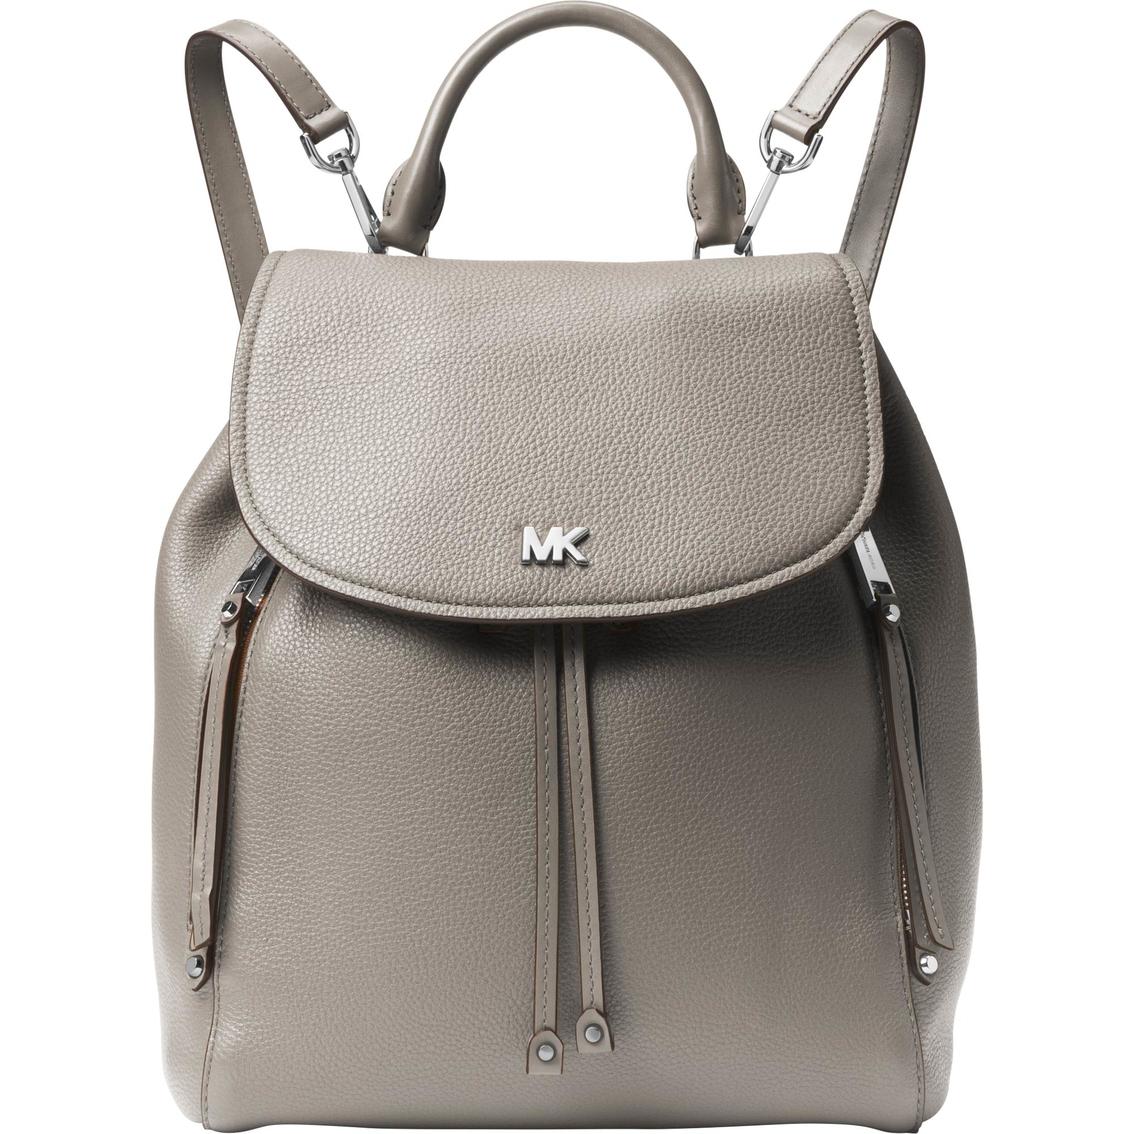 f0af957c07e1 Michael Kors Evie Backpack Leather